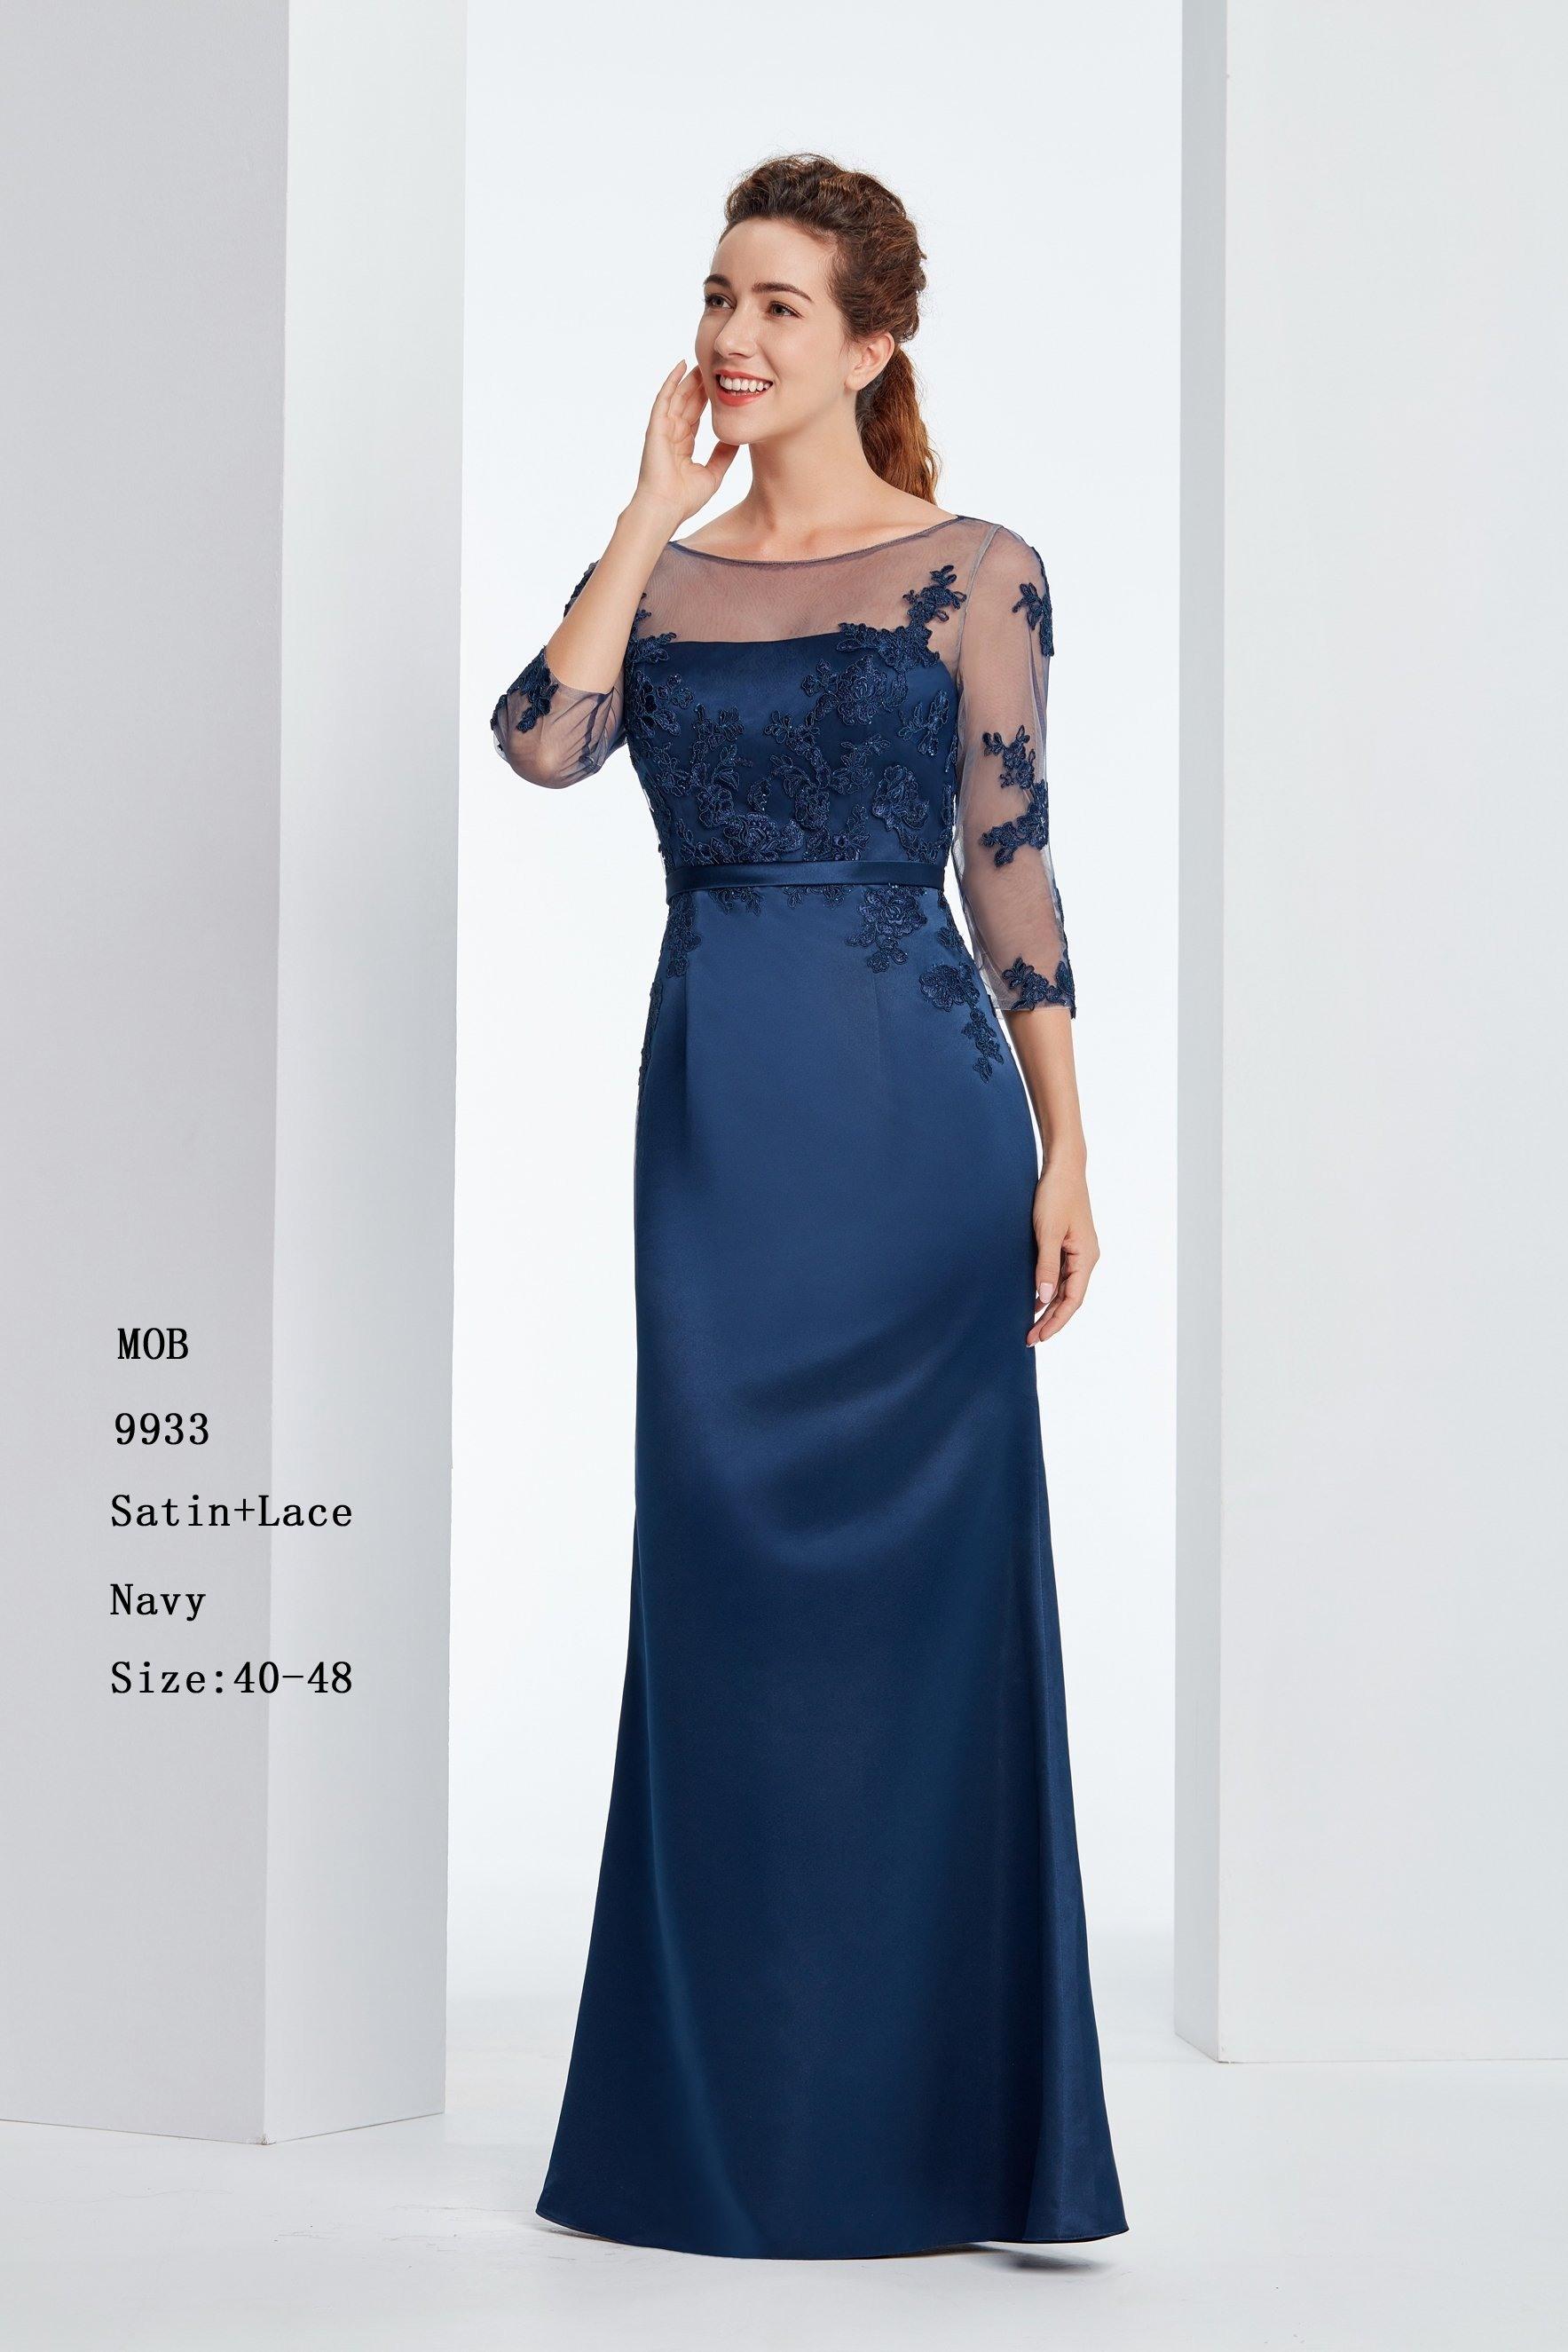 13 Schön Braut Abendkleider Stylish17 Spektakulär Braut Abendkleider Design